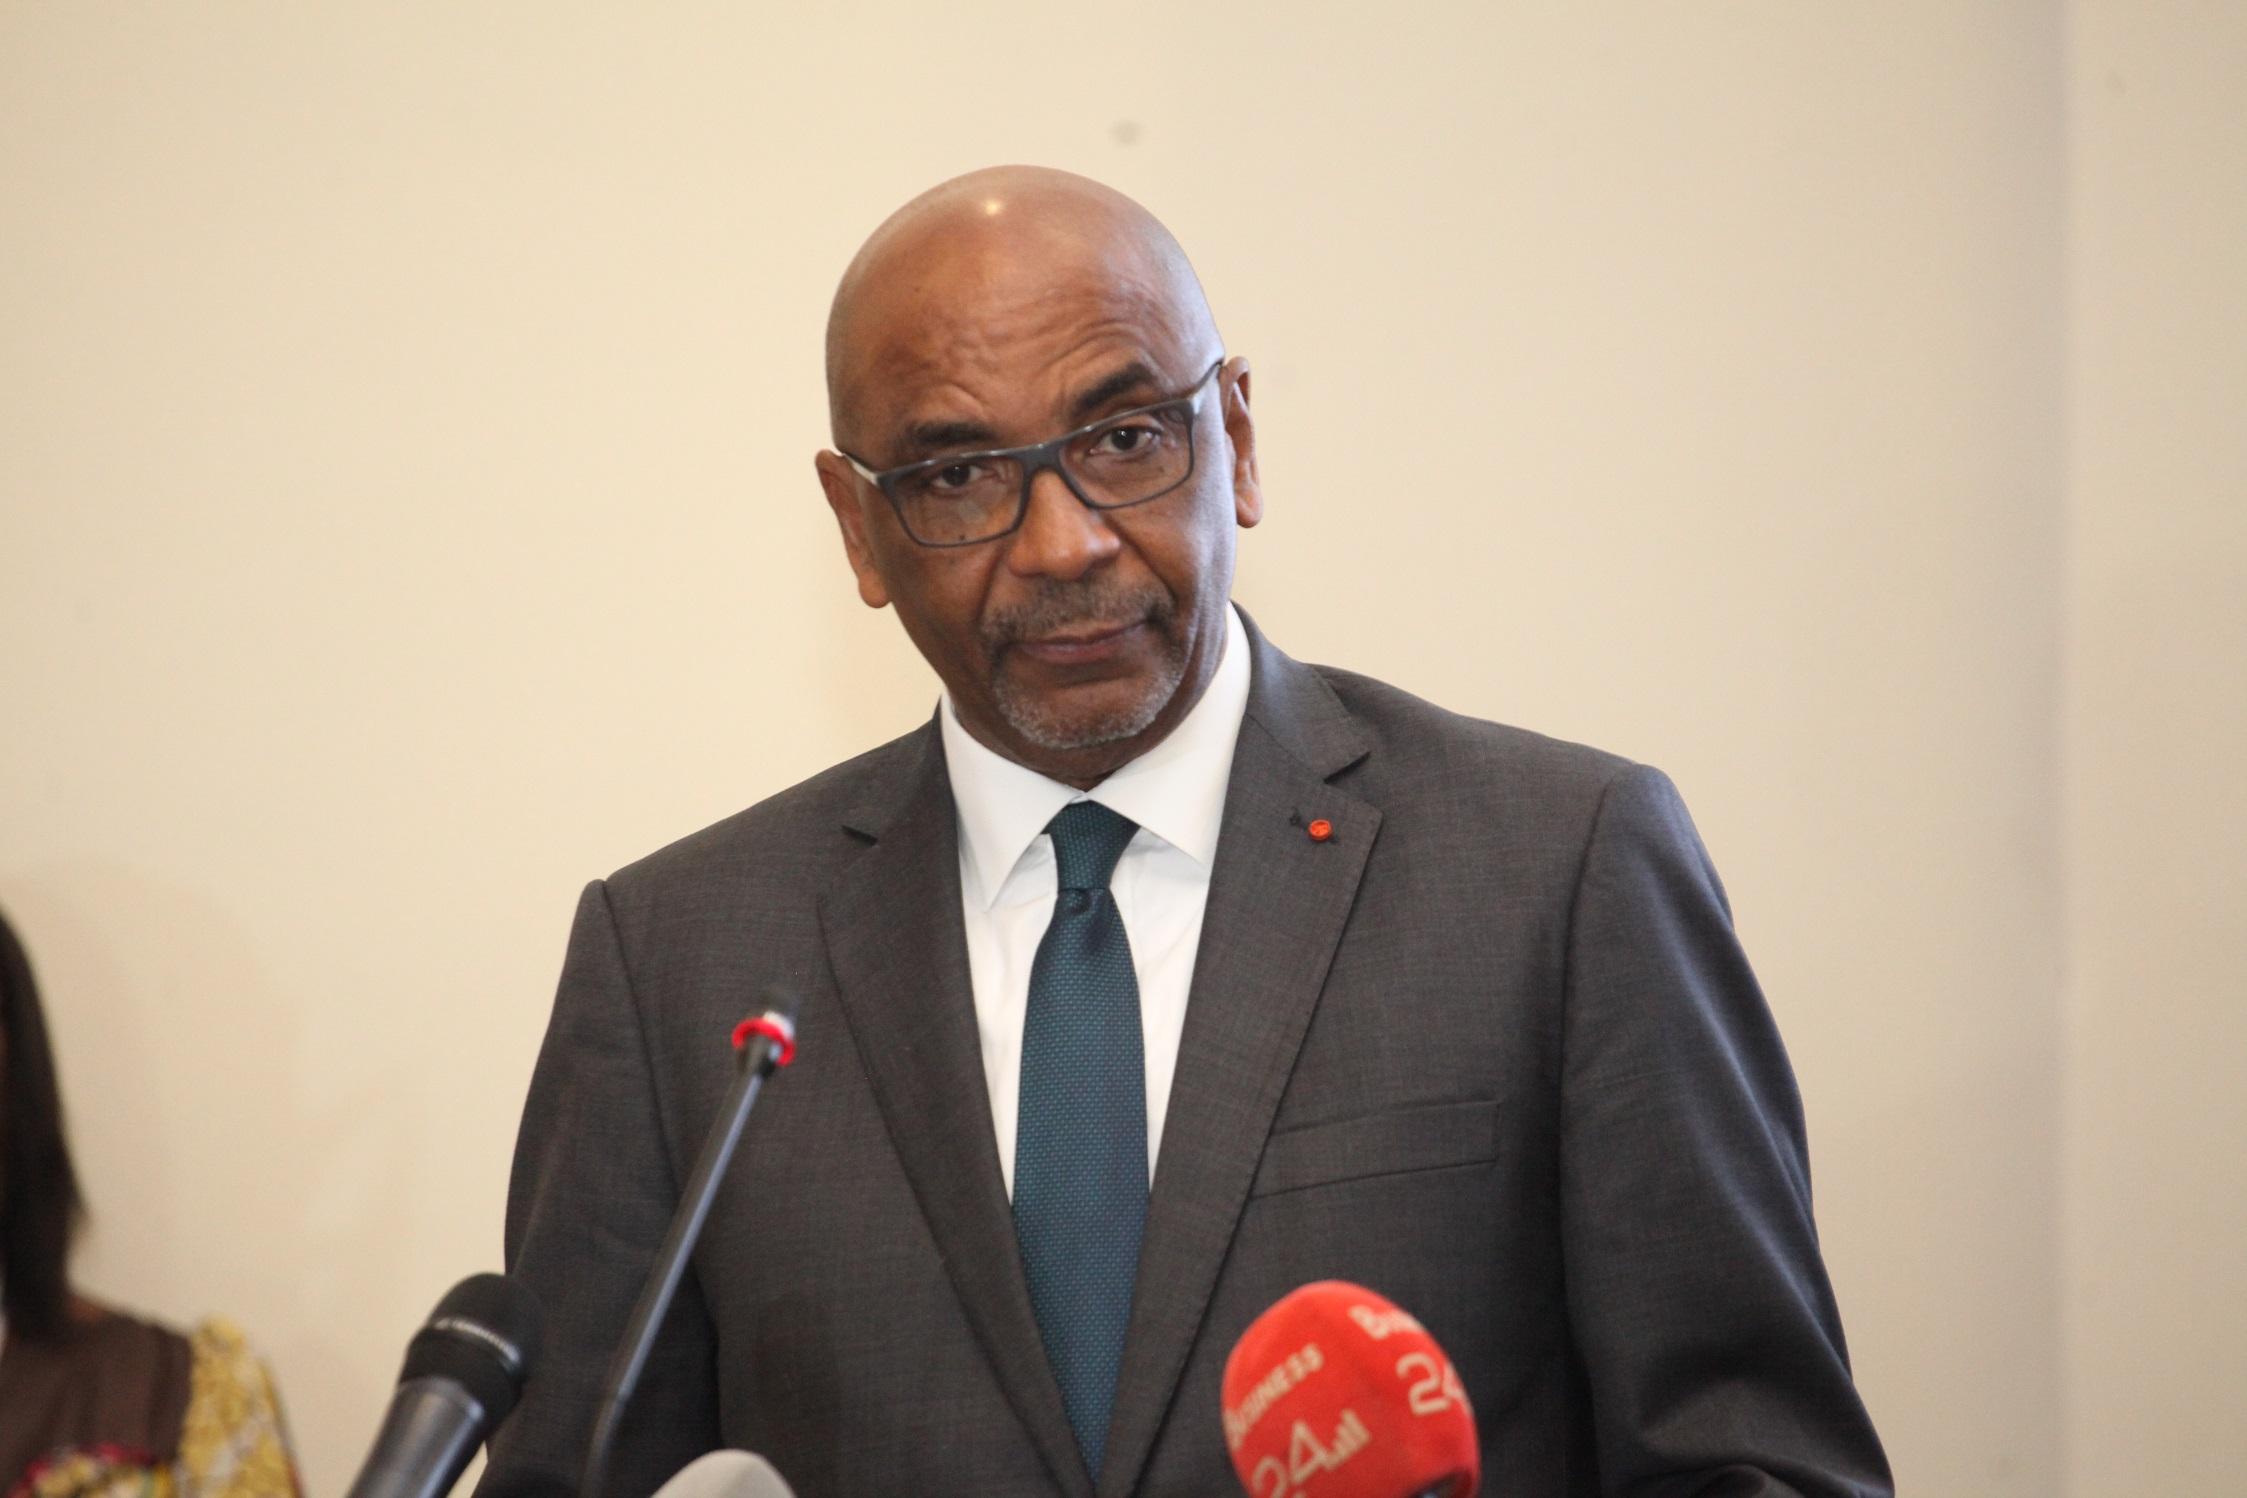 Forum du secteur privé en marge du 18ème sommet de l'AGOA à Abidjan : Le Président de la CGECI souhaite des opportunités qui impulsent la transformation structurelle des économies africaines